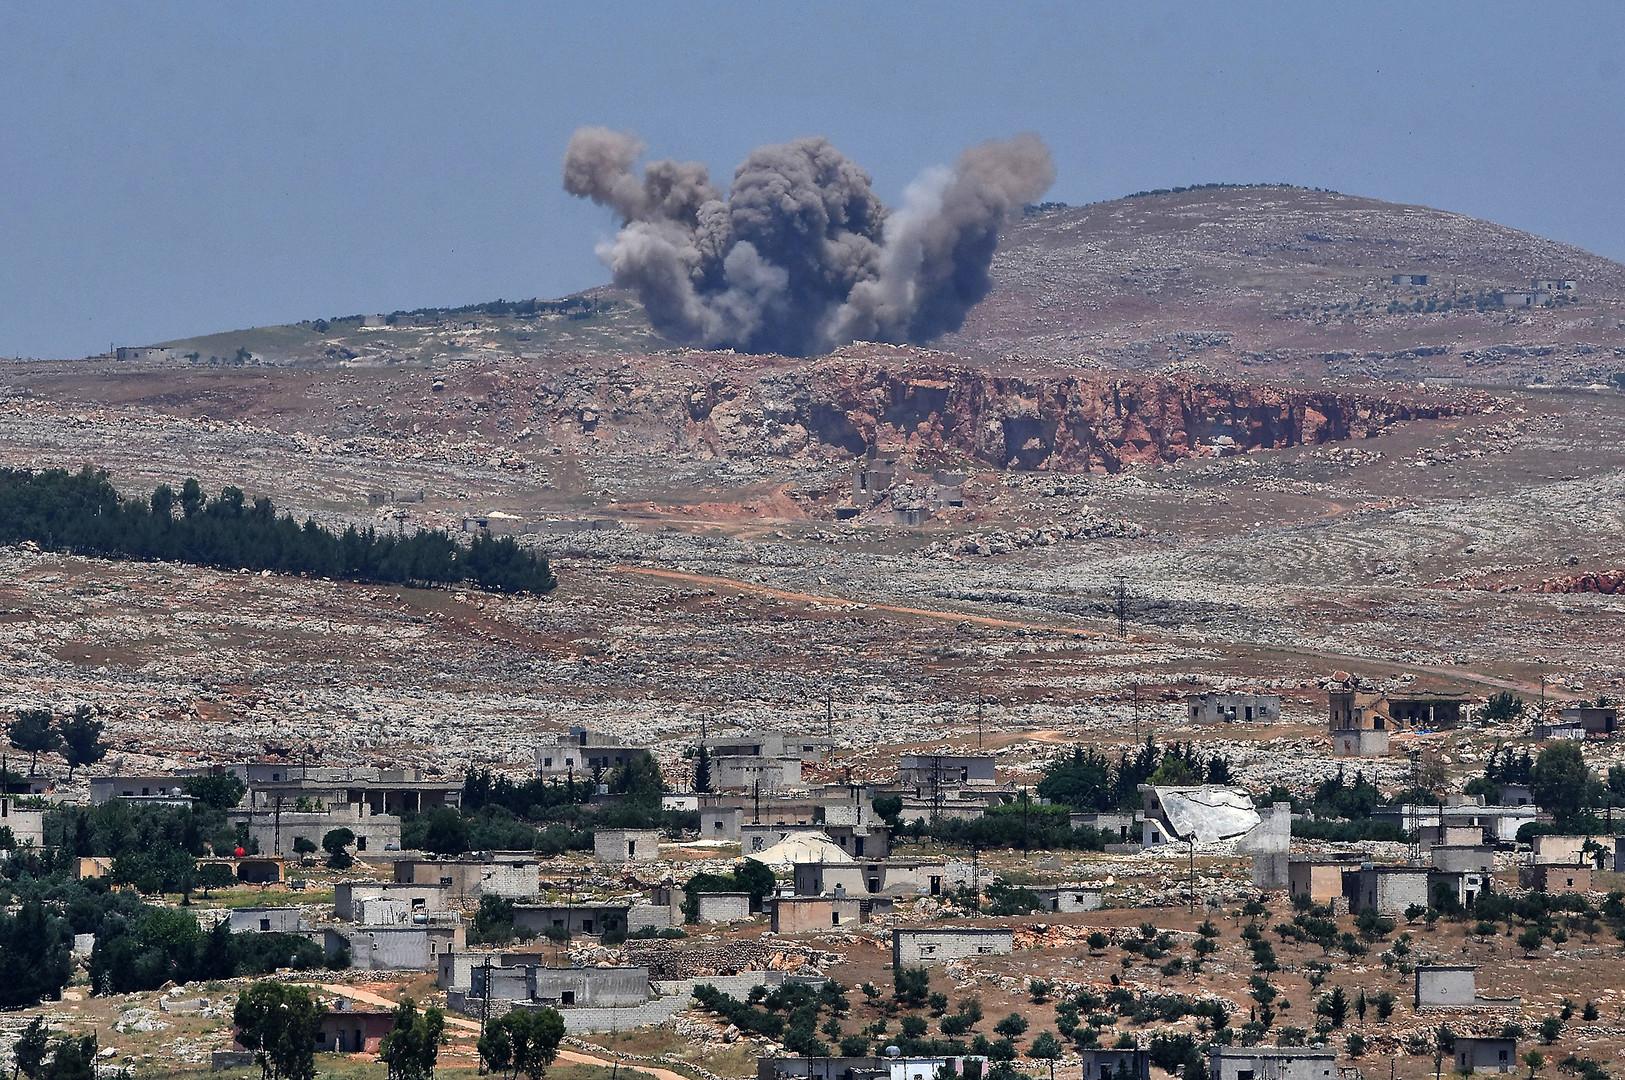 اشتباكات عنيفة بين الجيش السوري والمسلحين بريف حماة الشمالي وريف إدلب الجنوبي